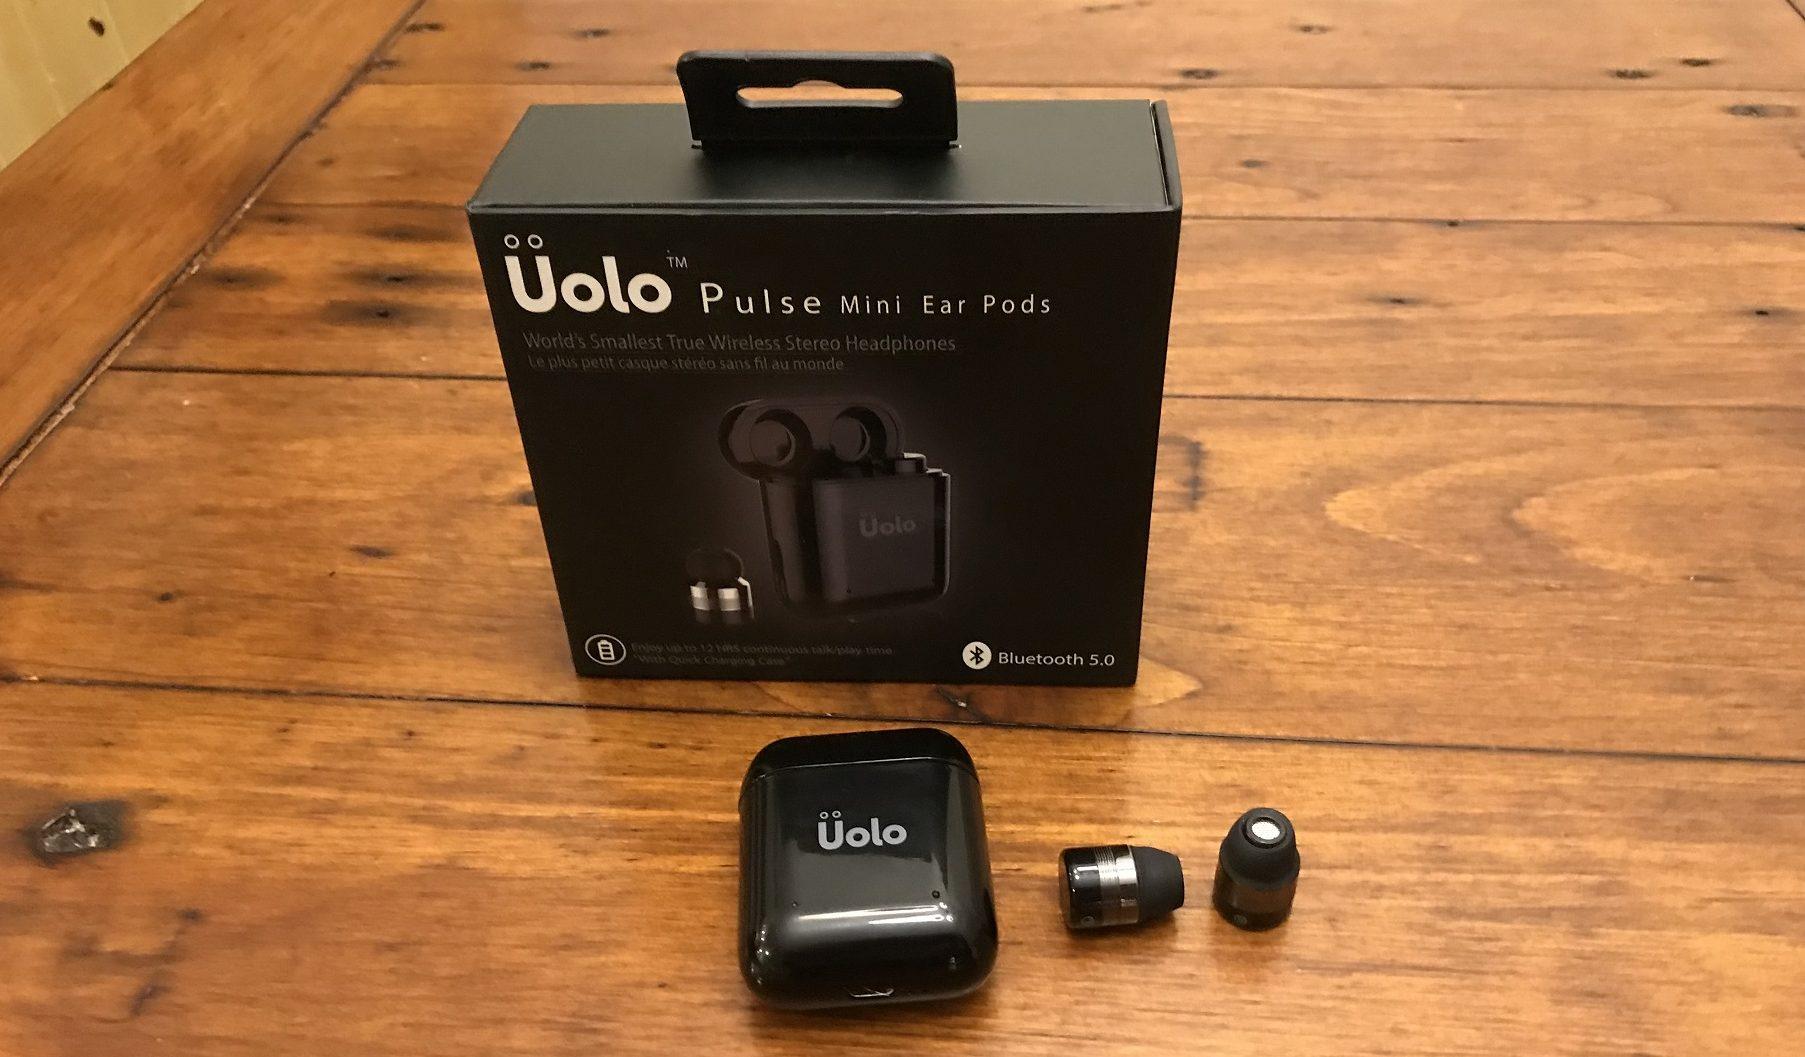 écouteurs bouton sans fil autonomes Pulse Mini d'Uolo